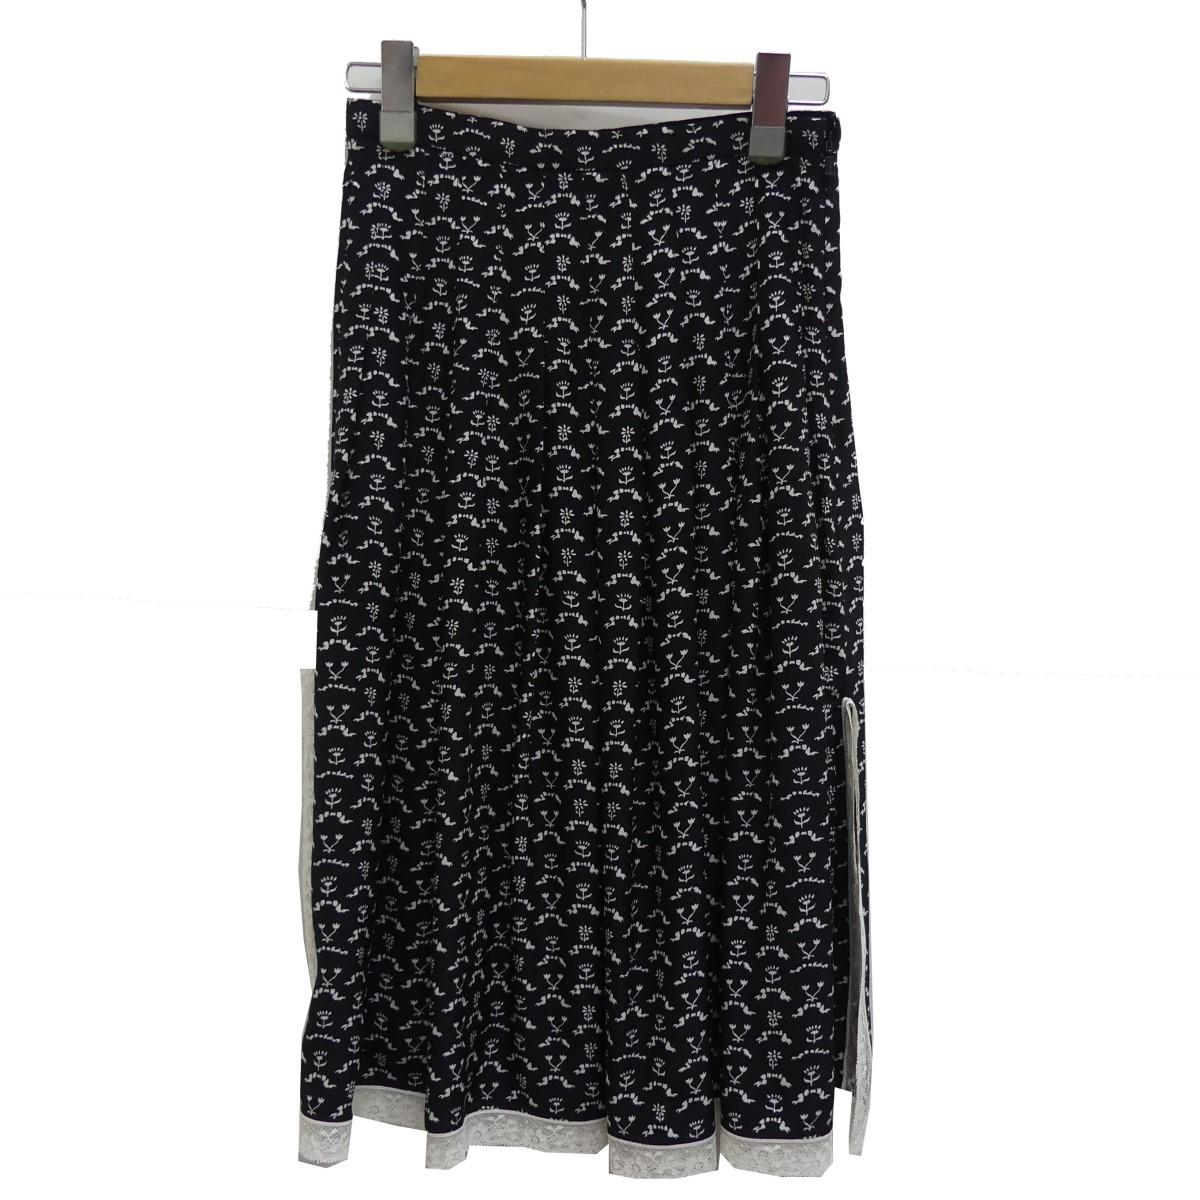 【中古】Chloe 総柄 スカート ブラック サイズ:34 【160420】(クロエ)